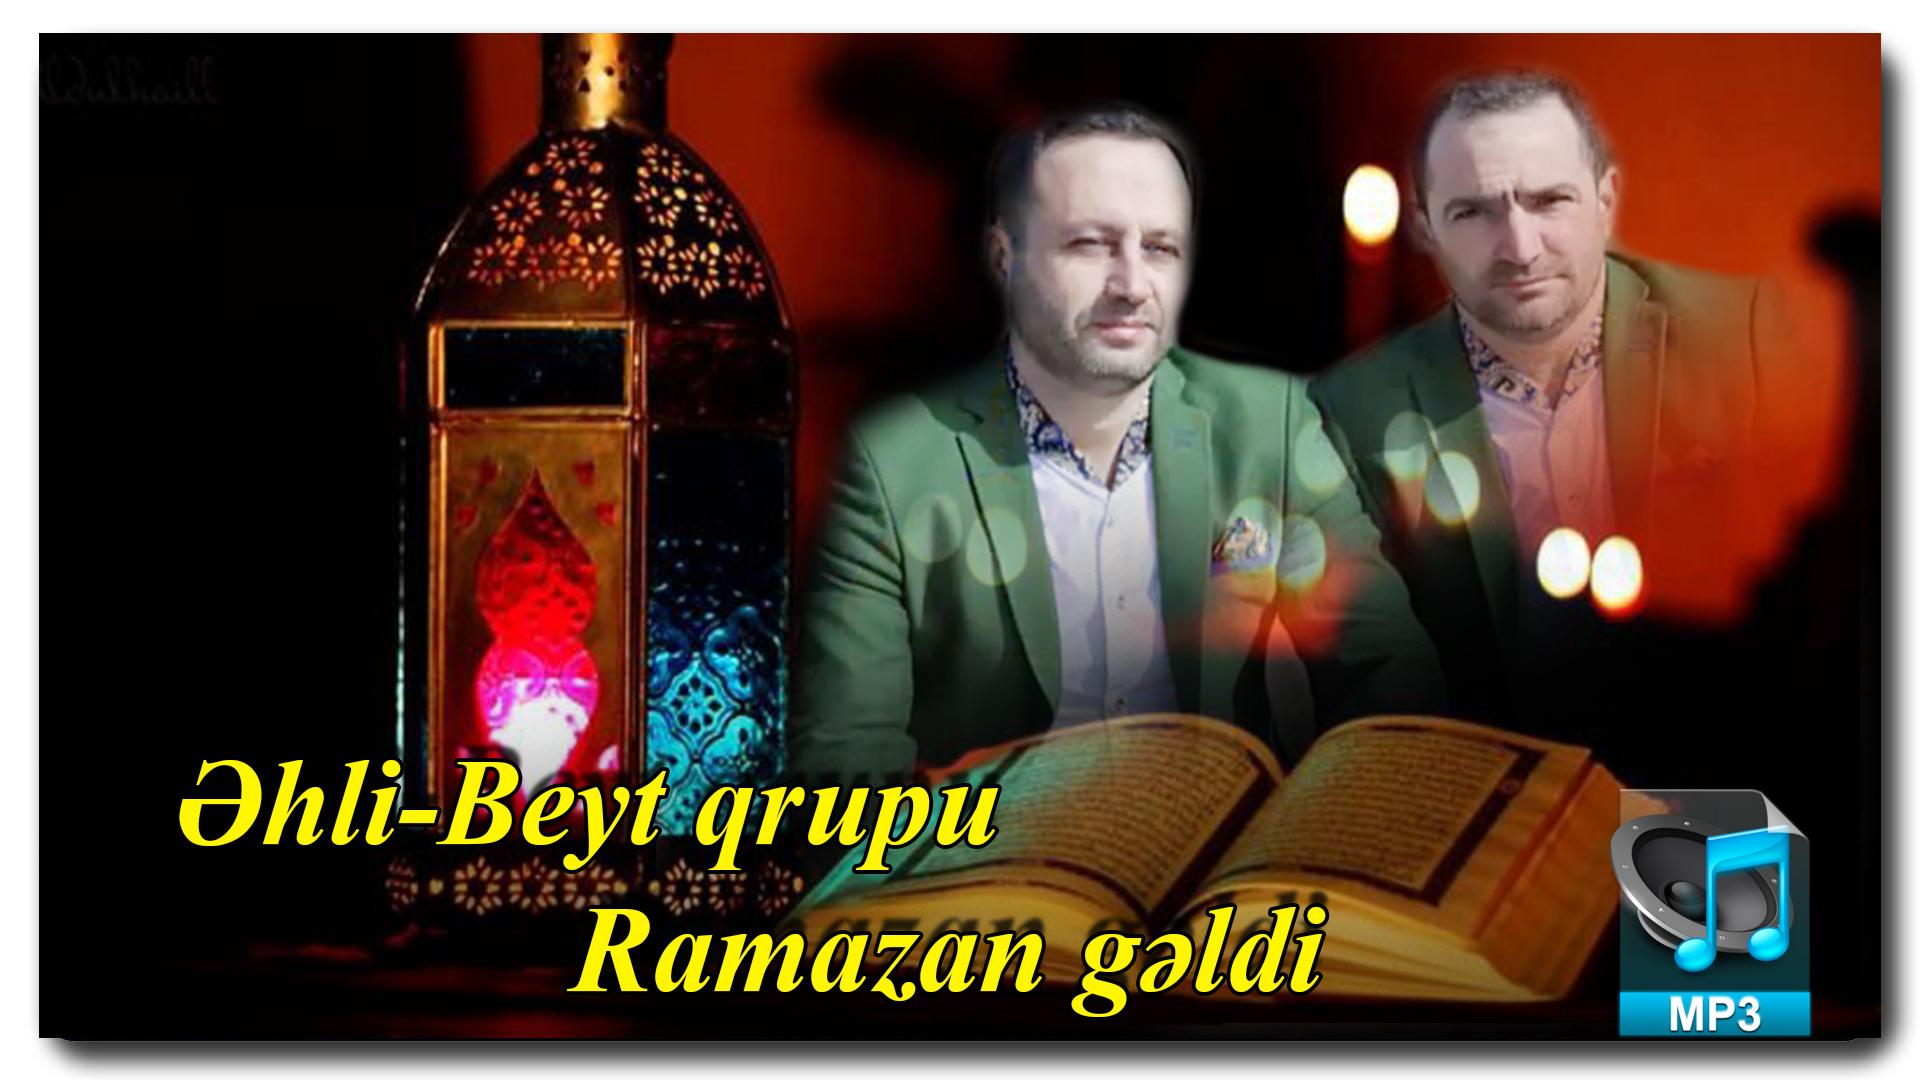 Əhli-Beyt qrupu | Ramazan gəldi | İlk dəfə Ya-Əli saytında |